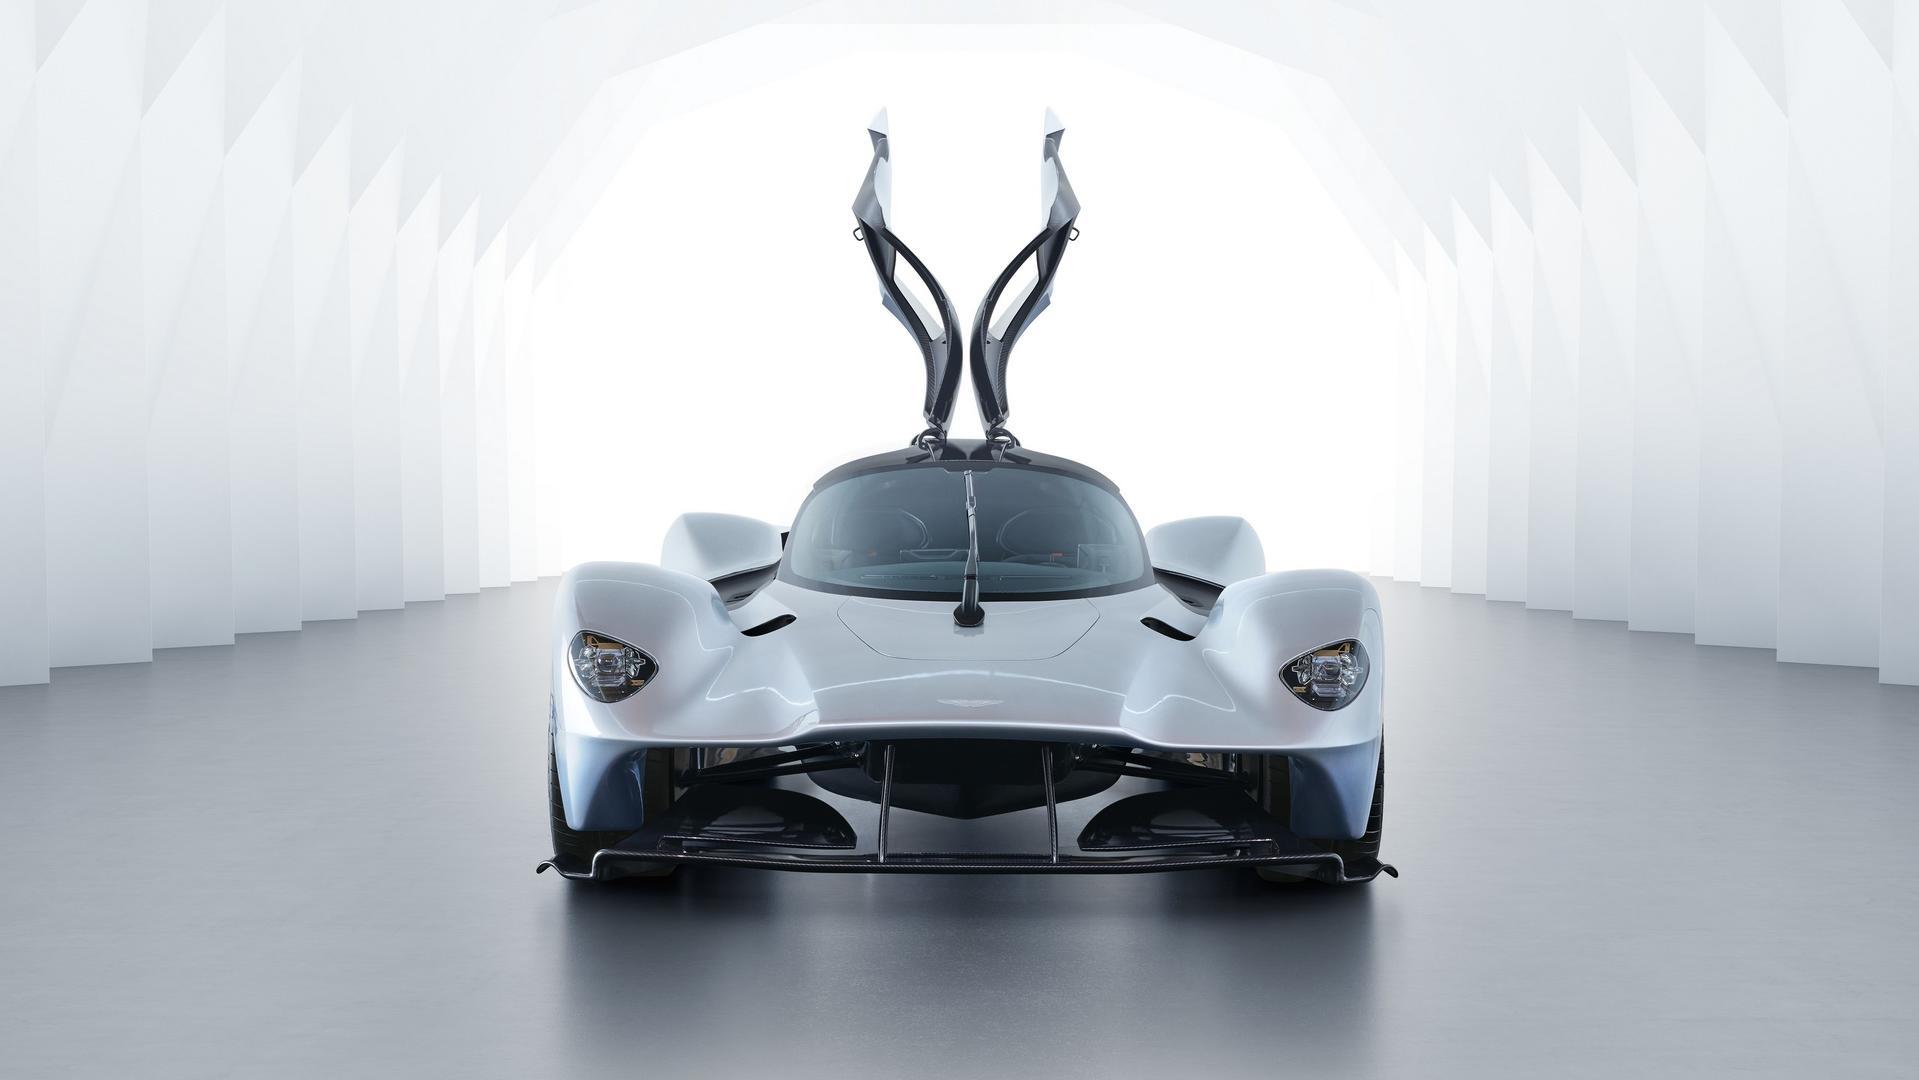 Versão de produção do Aston Martin Valkyrie não deverá ser muito diferente do que vê nesta imagem